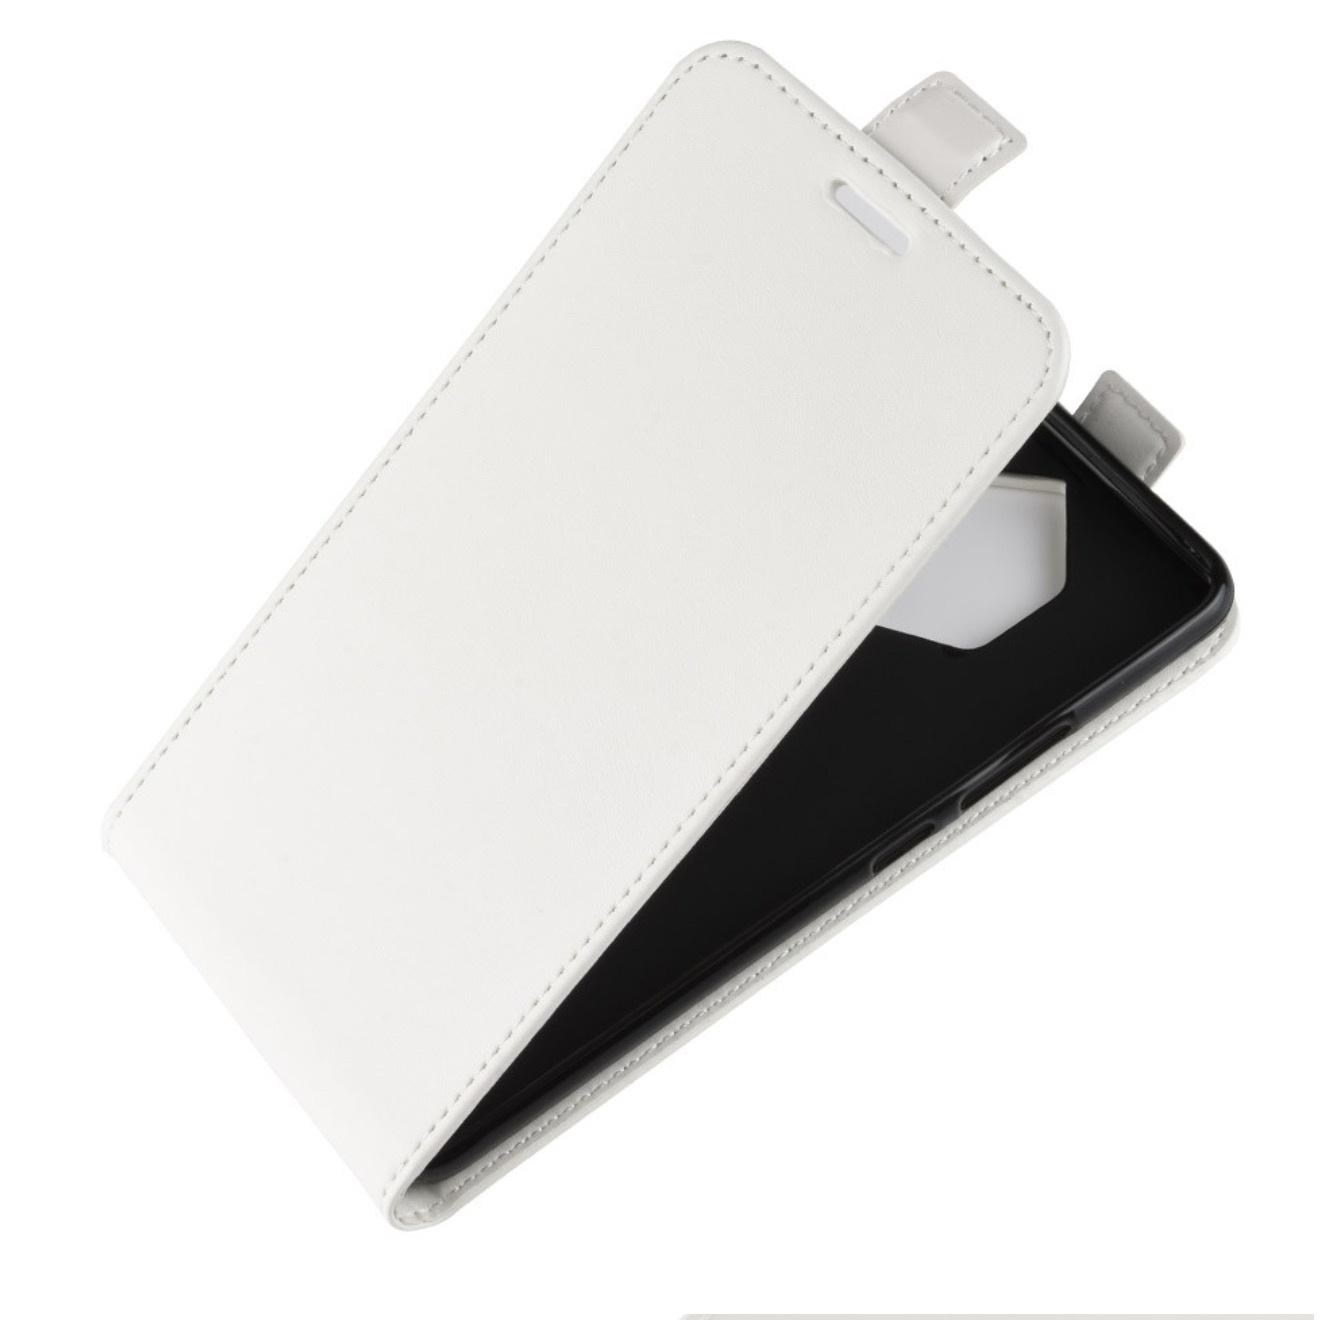 Чехол-флип MyPads для Digma Linx A400 3G вертикальный откидной белый